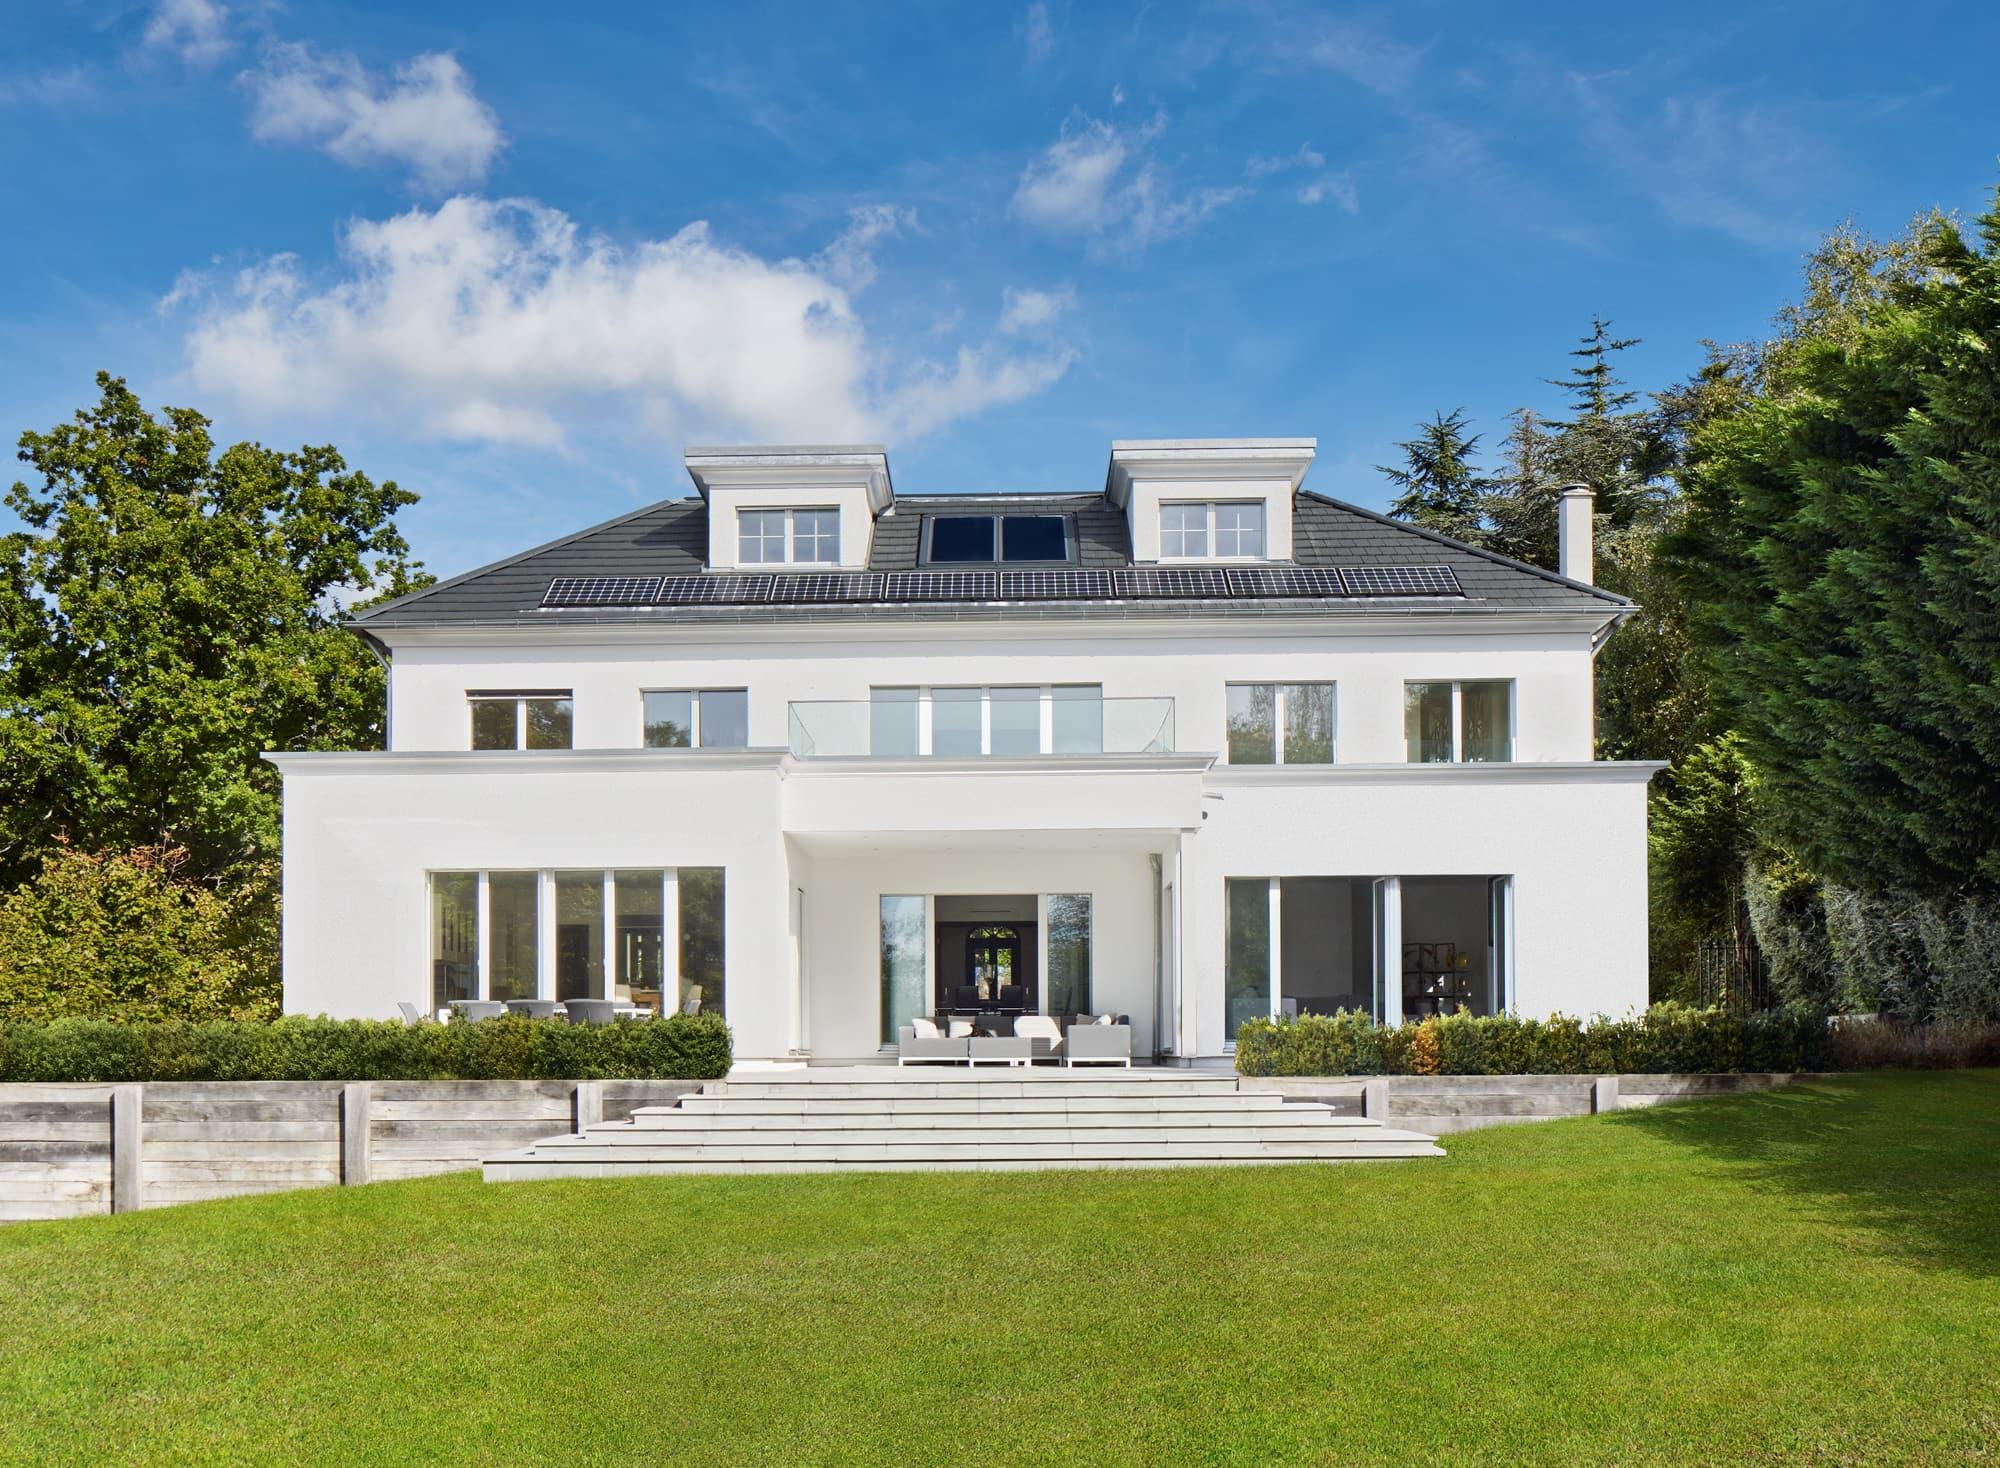 Moderne Landhaus Villa ATHERTON im klassischen Stil - Luxus Fertighaus bauen in Holzbauweise von Baufritz - HausbauDirekt.de